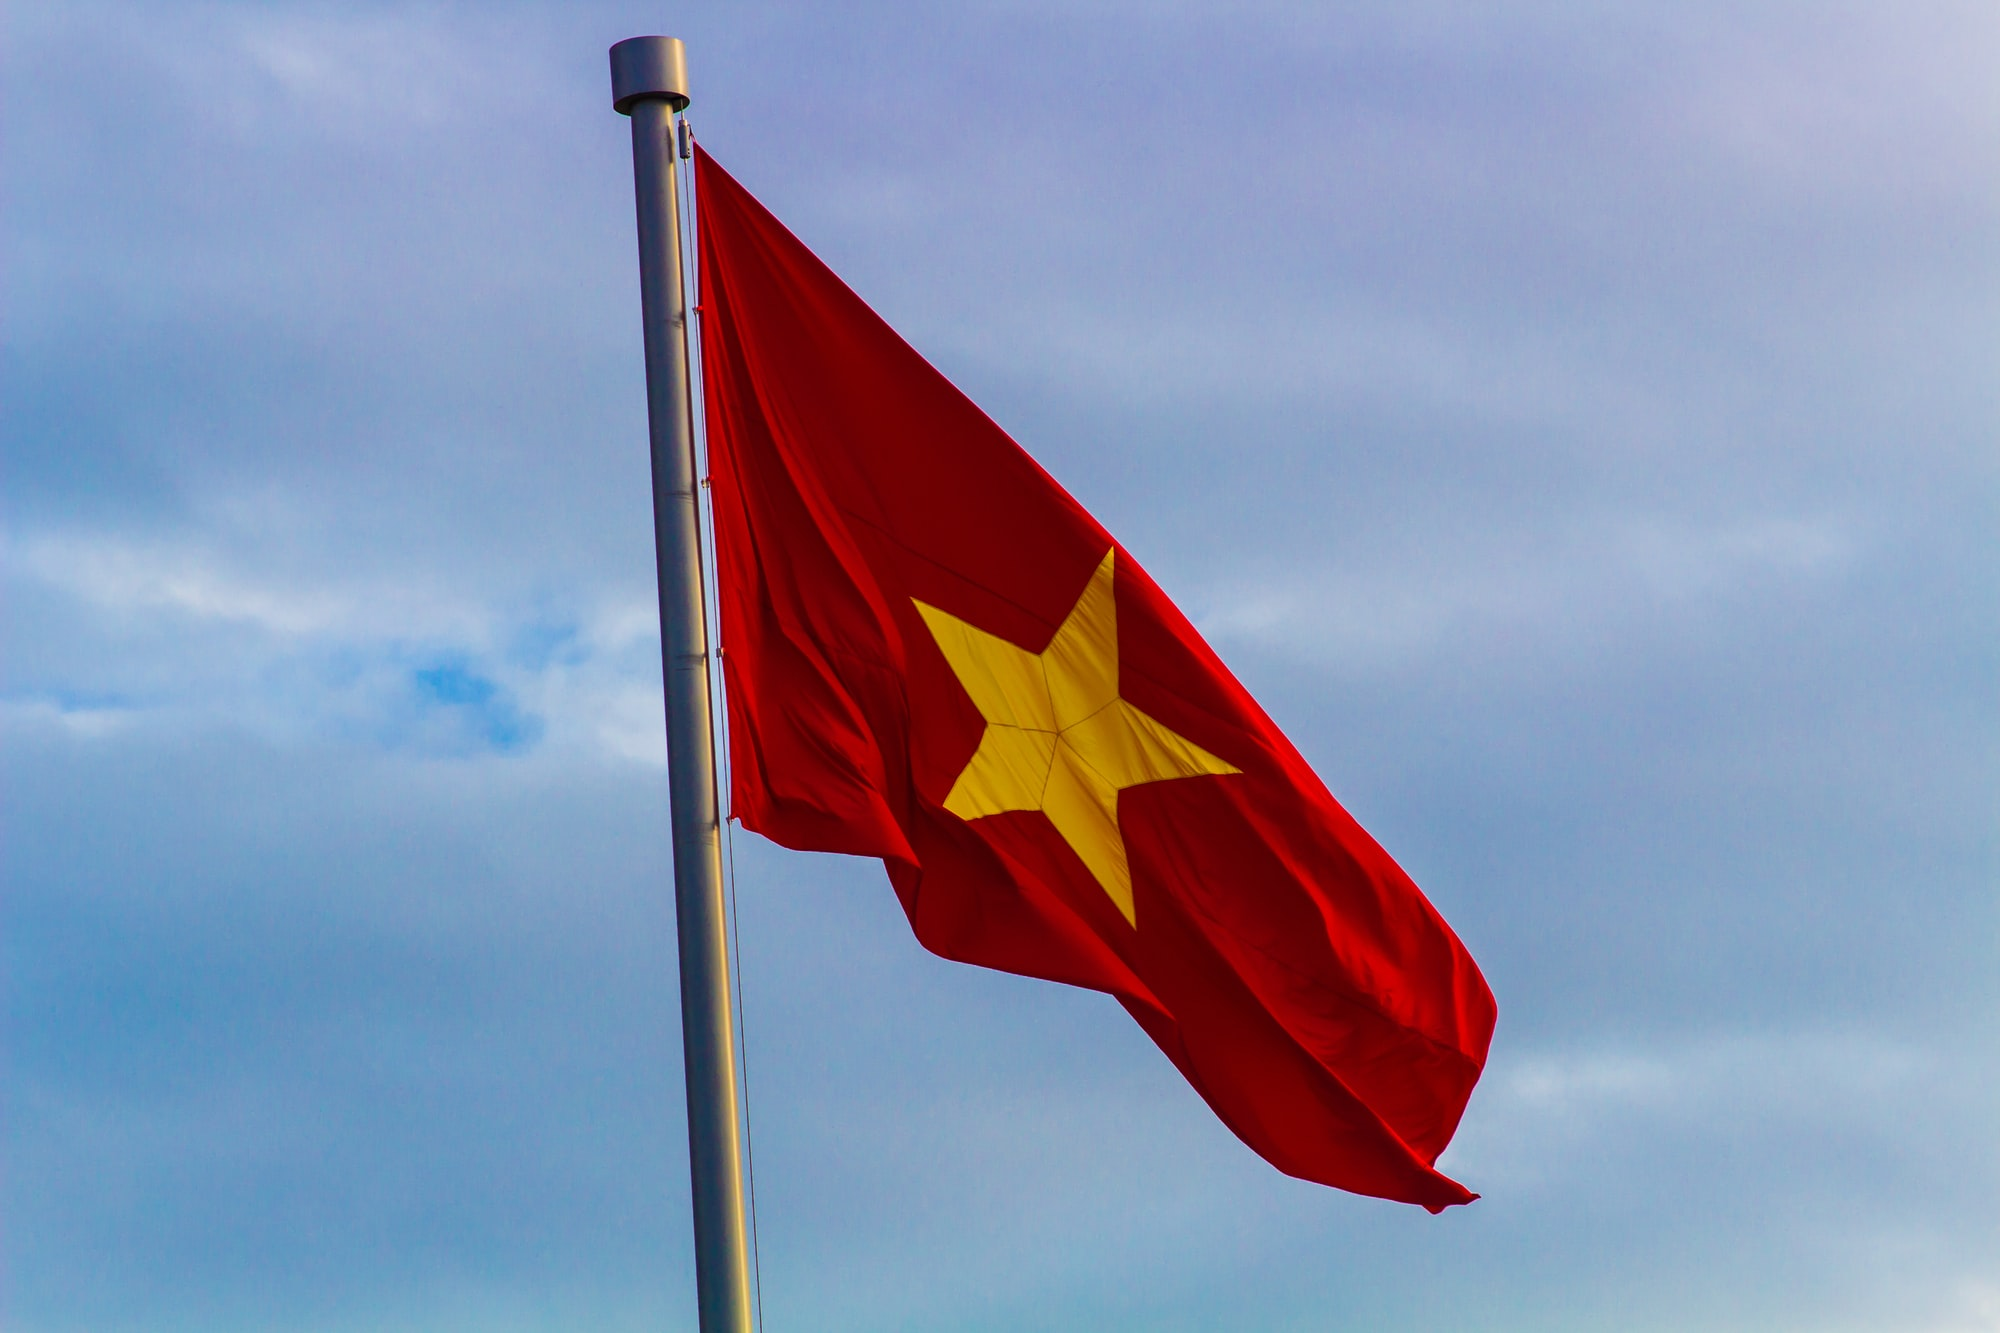 เจ้าหน้าที่รัฐเวียดนามปรามประชาชนอย่าใช้ Crypto หาเงินทุน